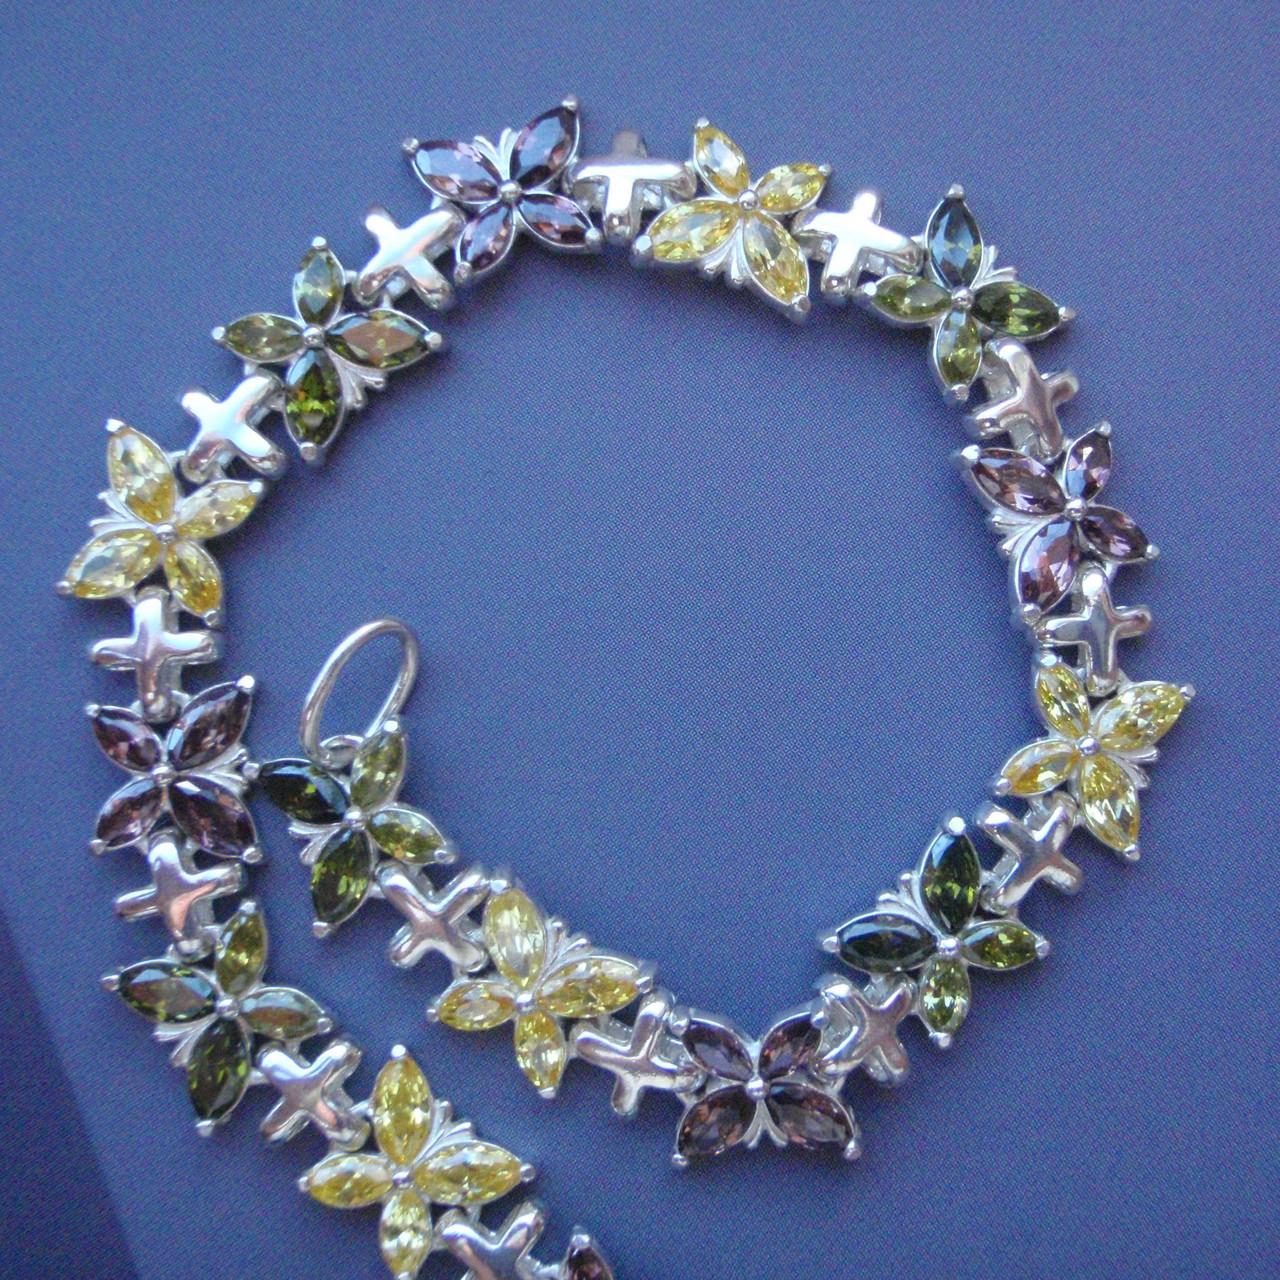 Срібний жіночий браслет з метеликами, 190мм, 60 каменів